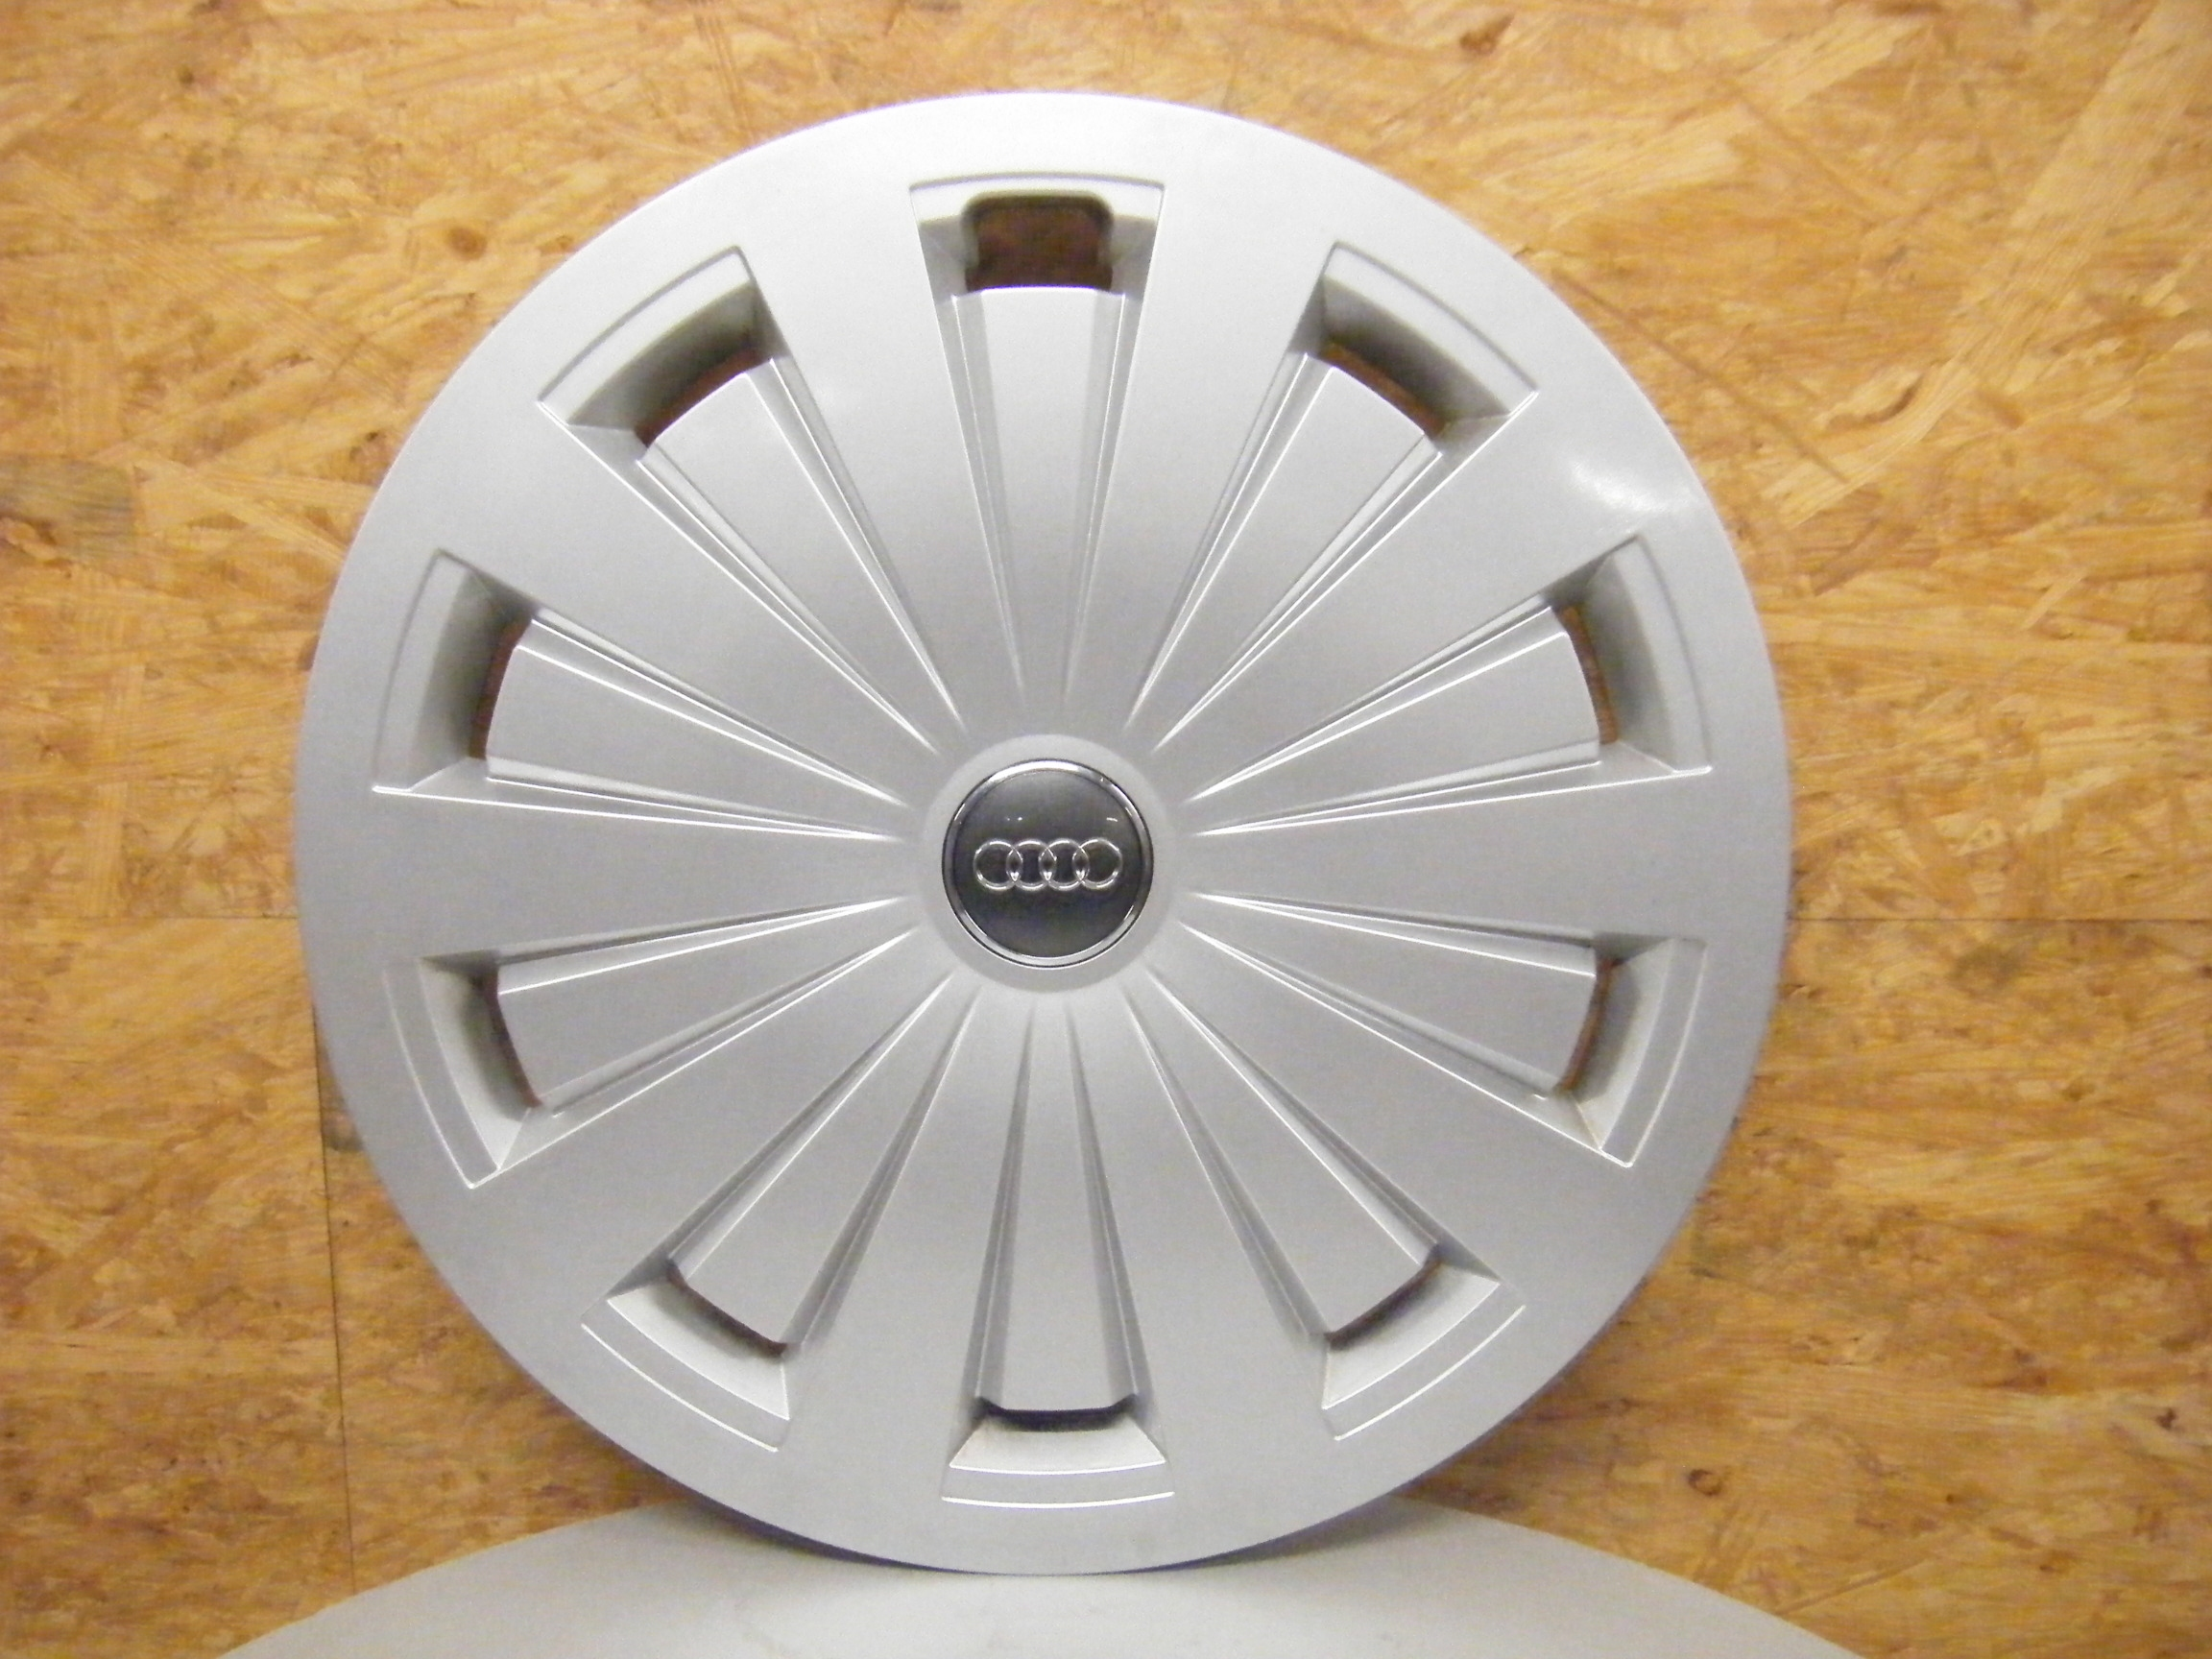 Radkappen Radzierblenden 4 Stück für AUDI 14 Zoll 20765